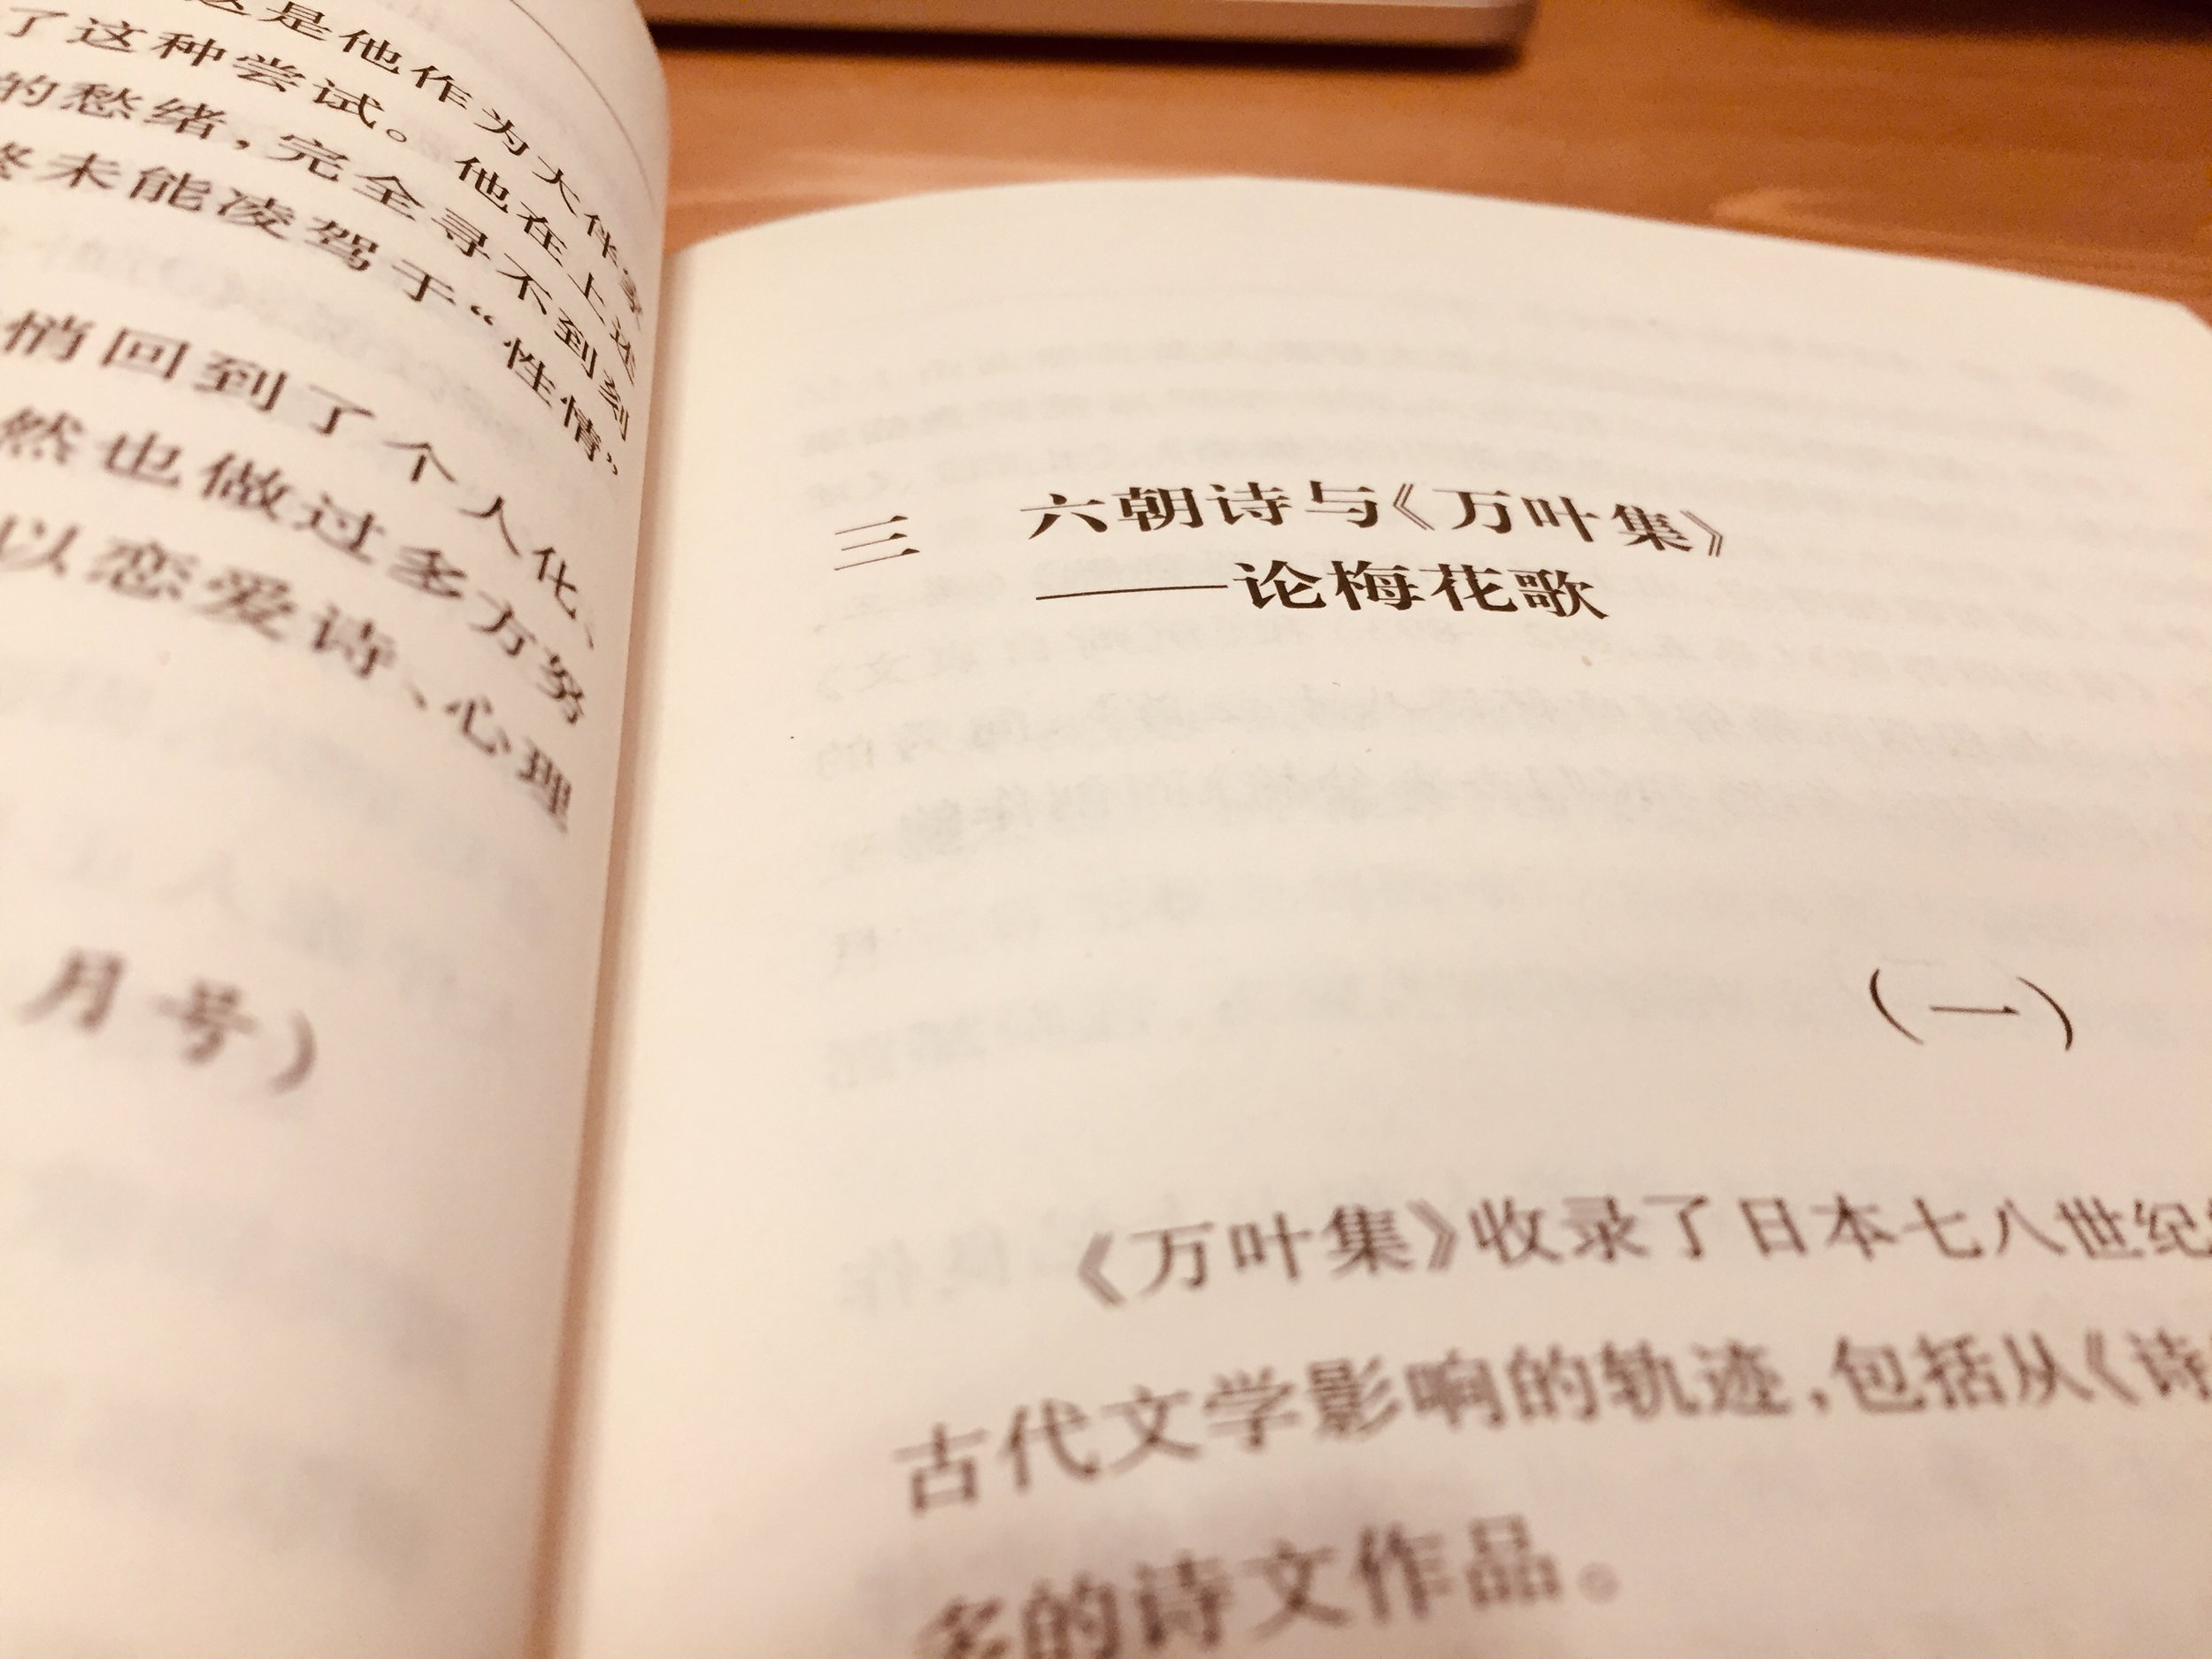 中西進著;劉雨珍、勾艷軍譯:《〈萬葉集〉與中國文化》